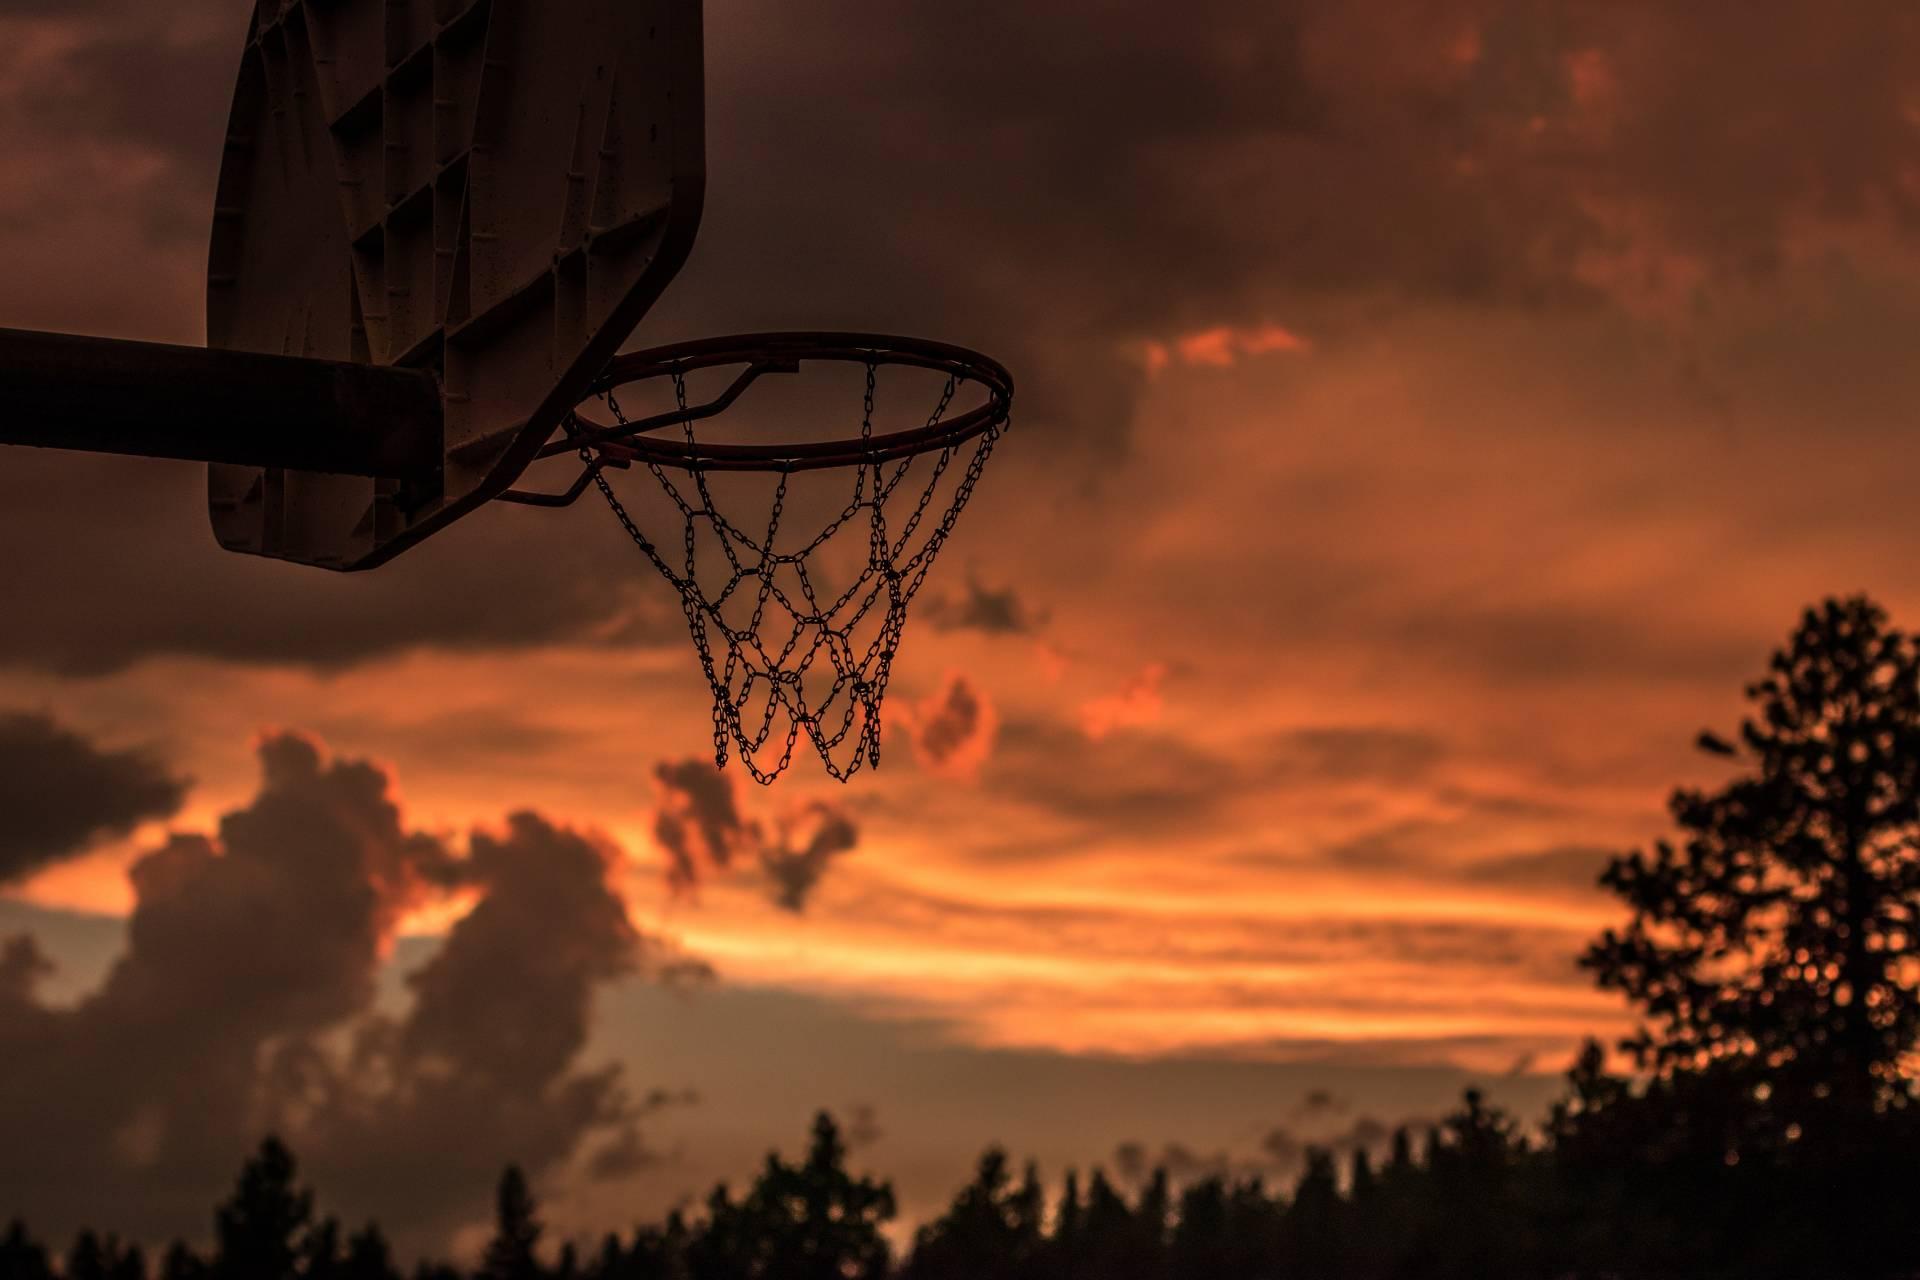 Hình ảnh sân bóng rổ ngoài trời